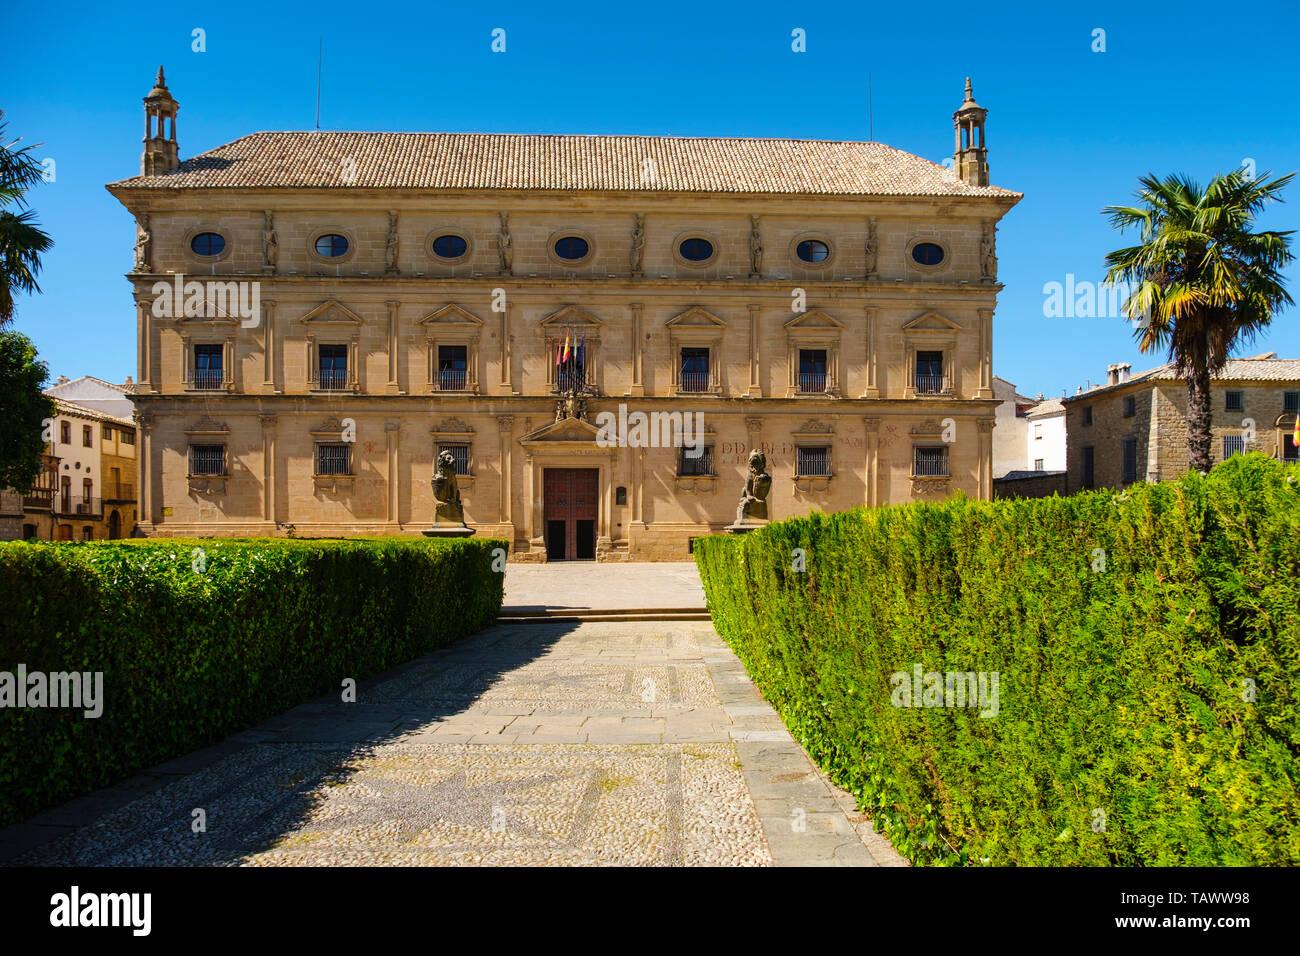 Town Hall, Palacio de las Cadenas by architect Andrés de Vandelvira in plaza Vazquez de Molina. Ubeda, Jaén province. southern Andalusia. Spain Europe - Stock Image